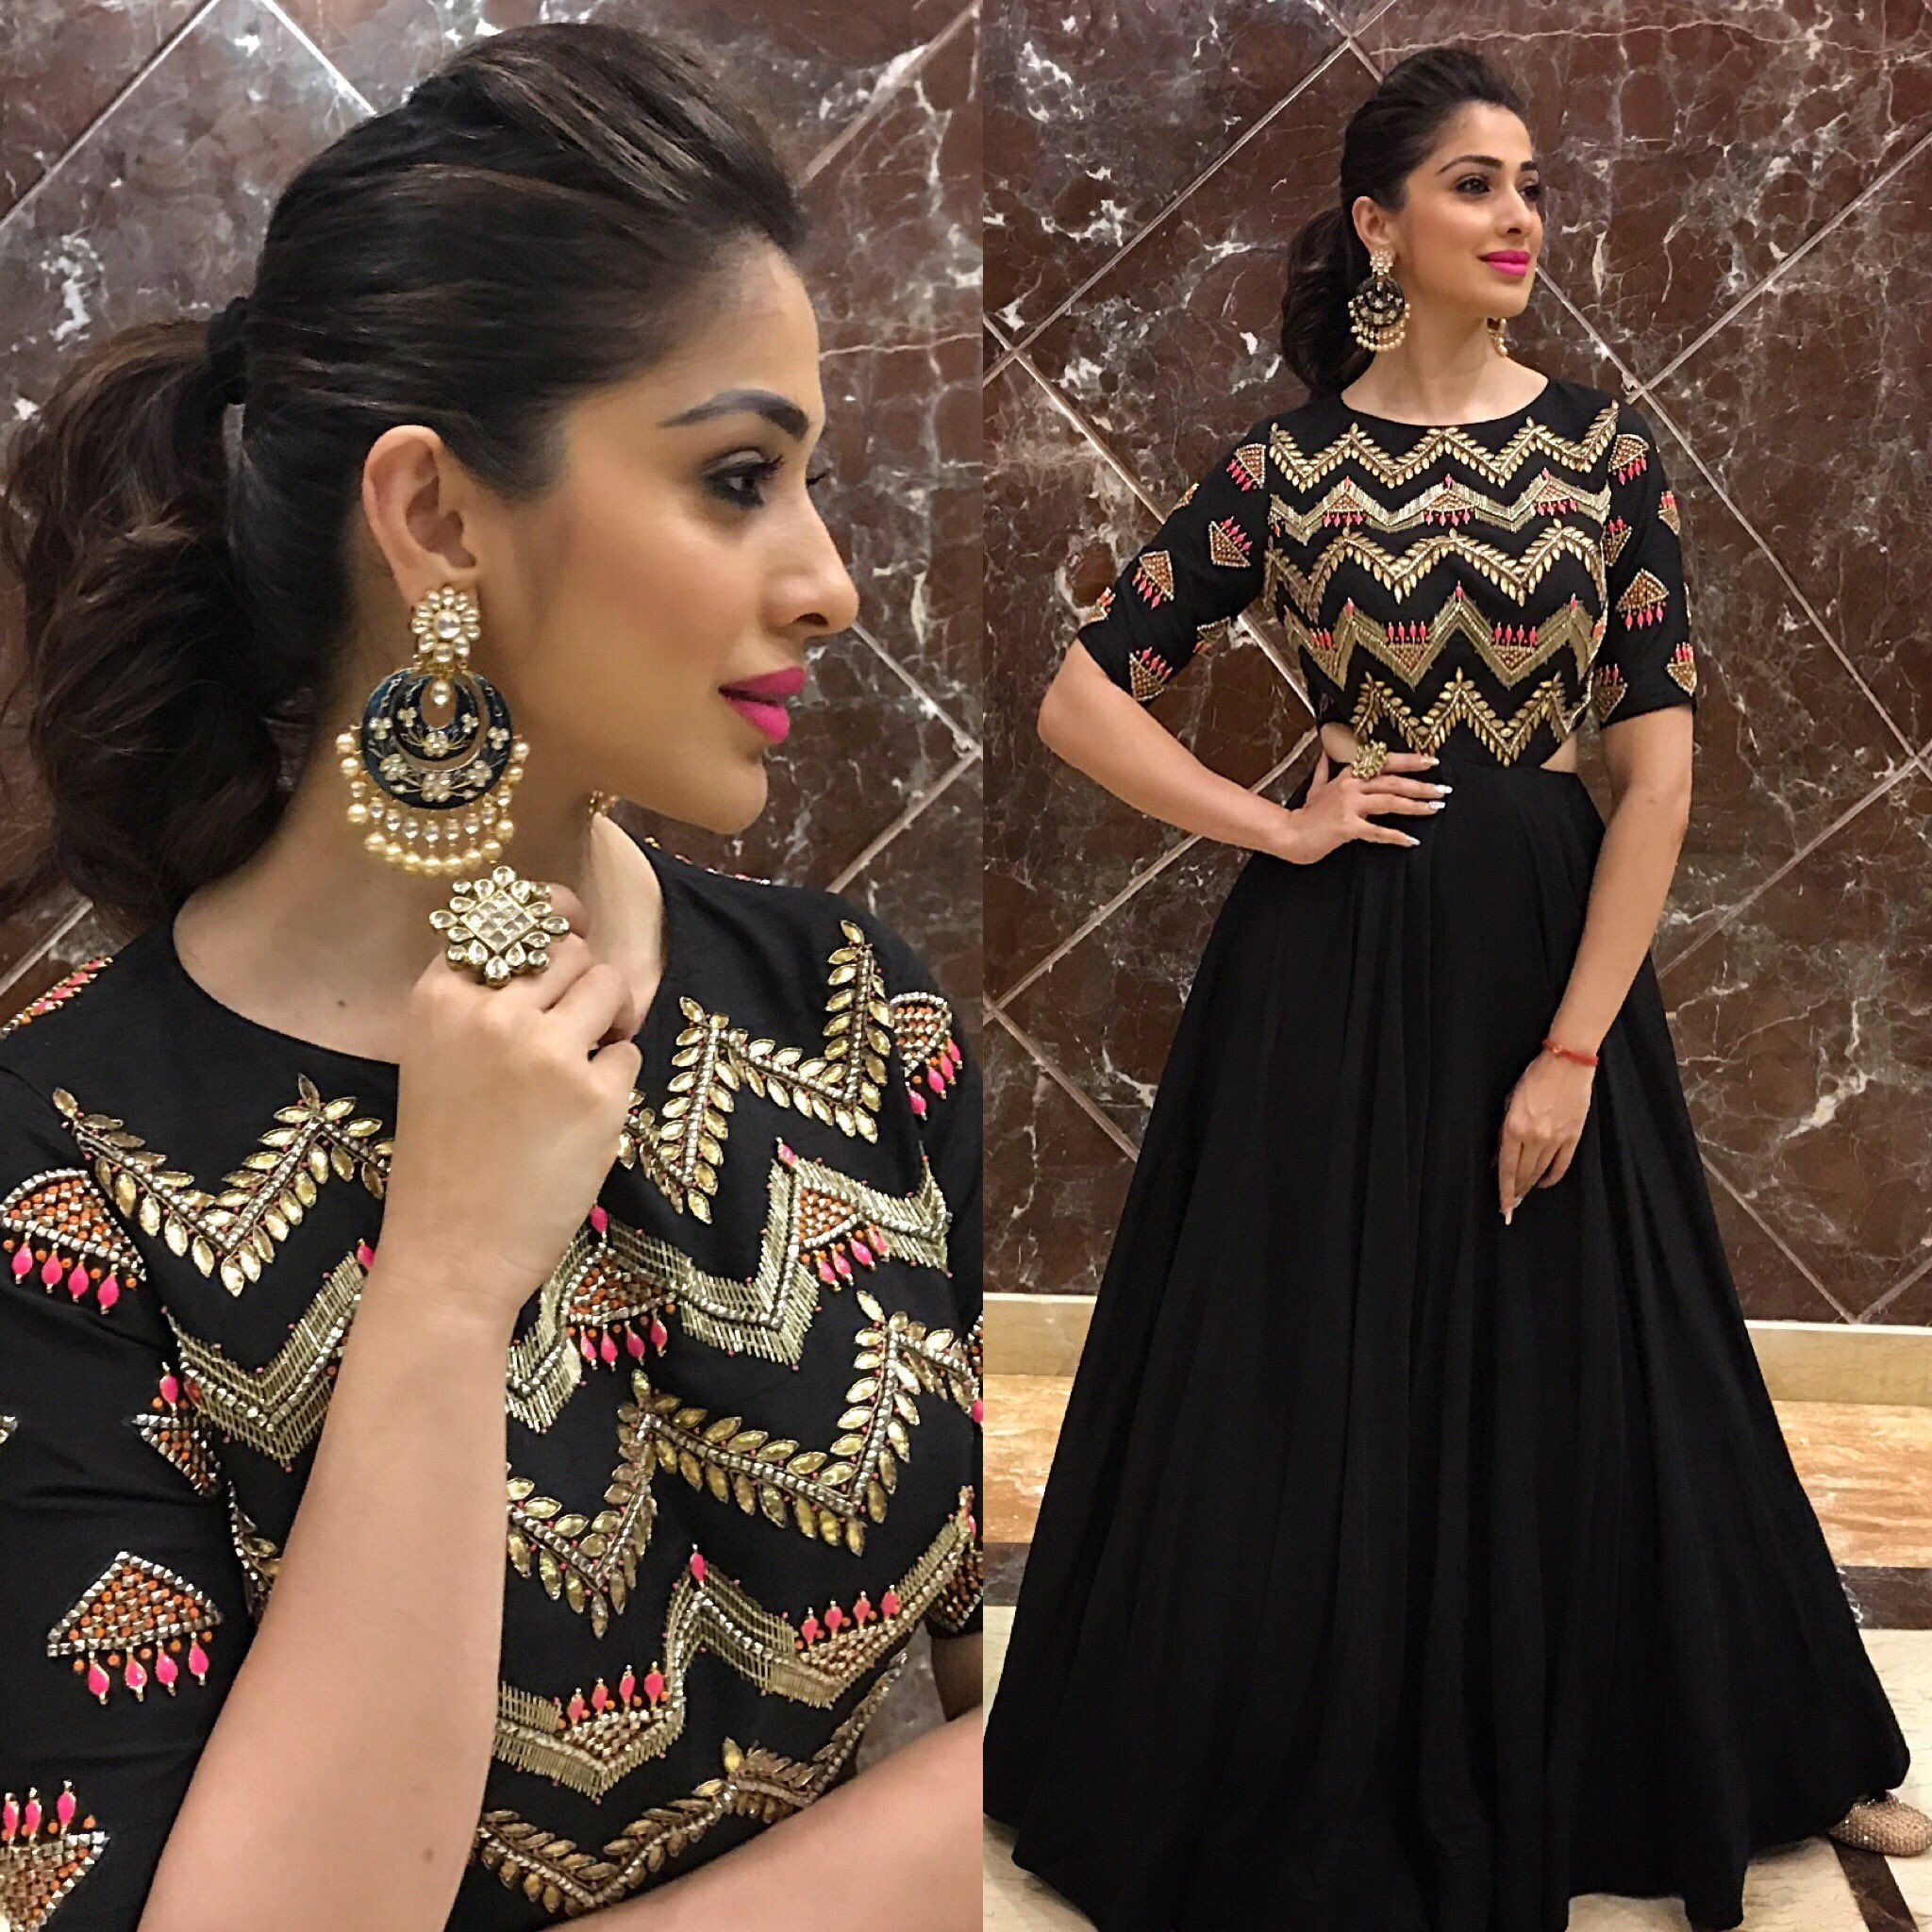 Lace wedding dress pink october 2018 Vaishnavi Kondakalla vaishnavikondakalla on Pinterest